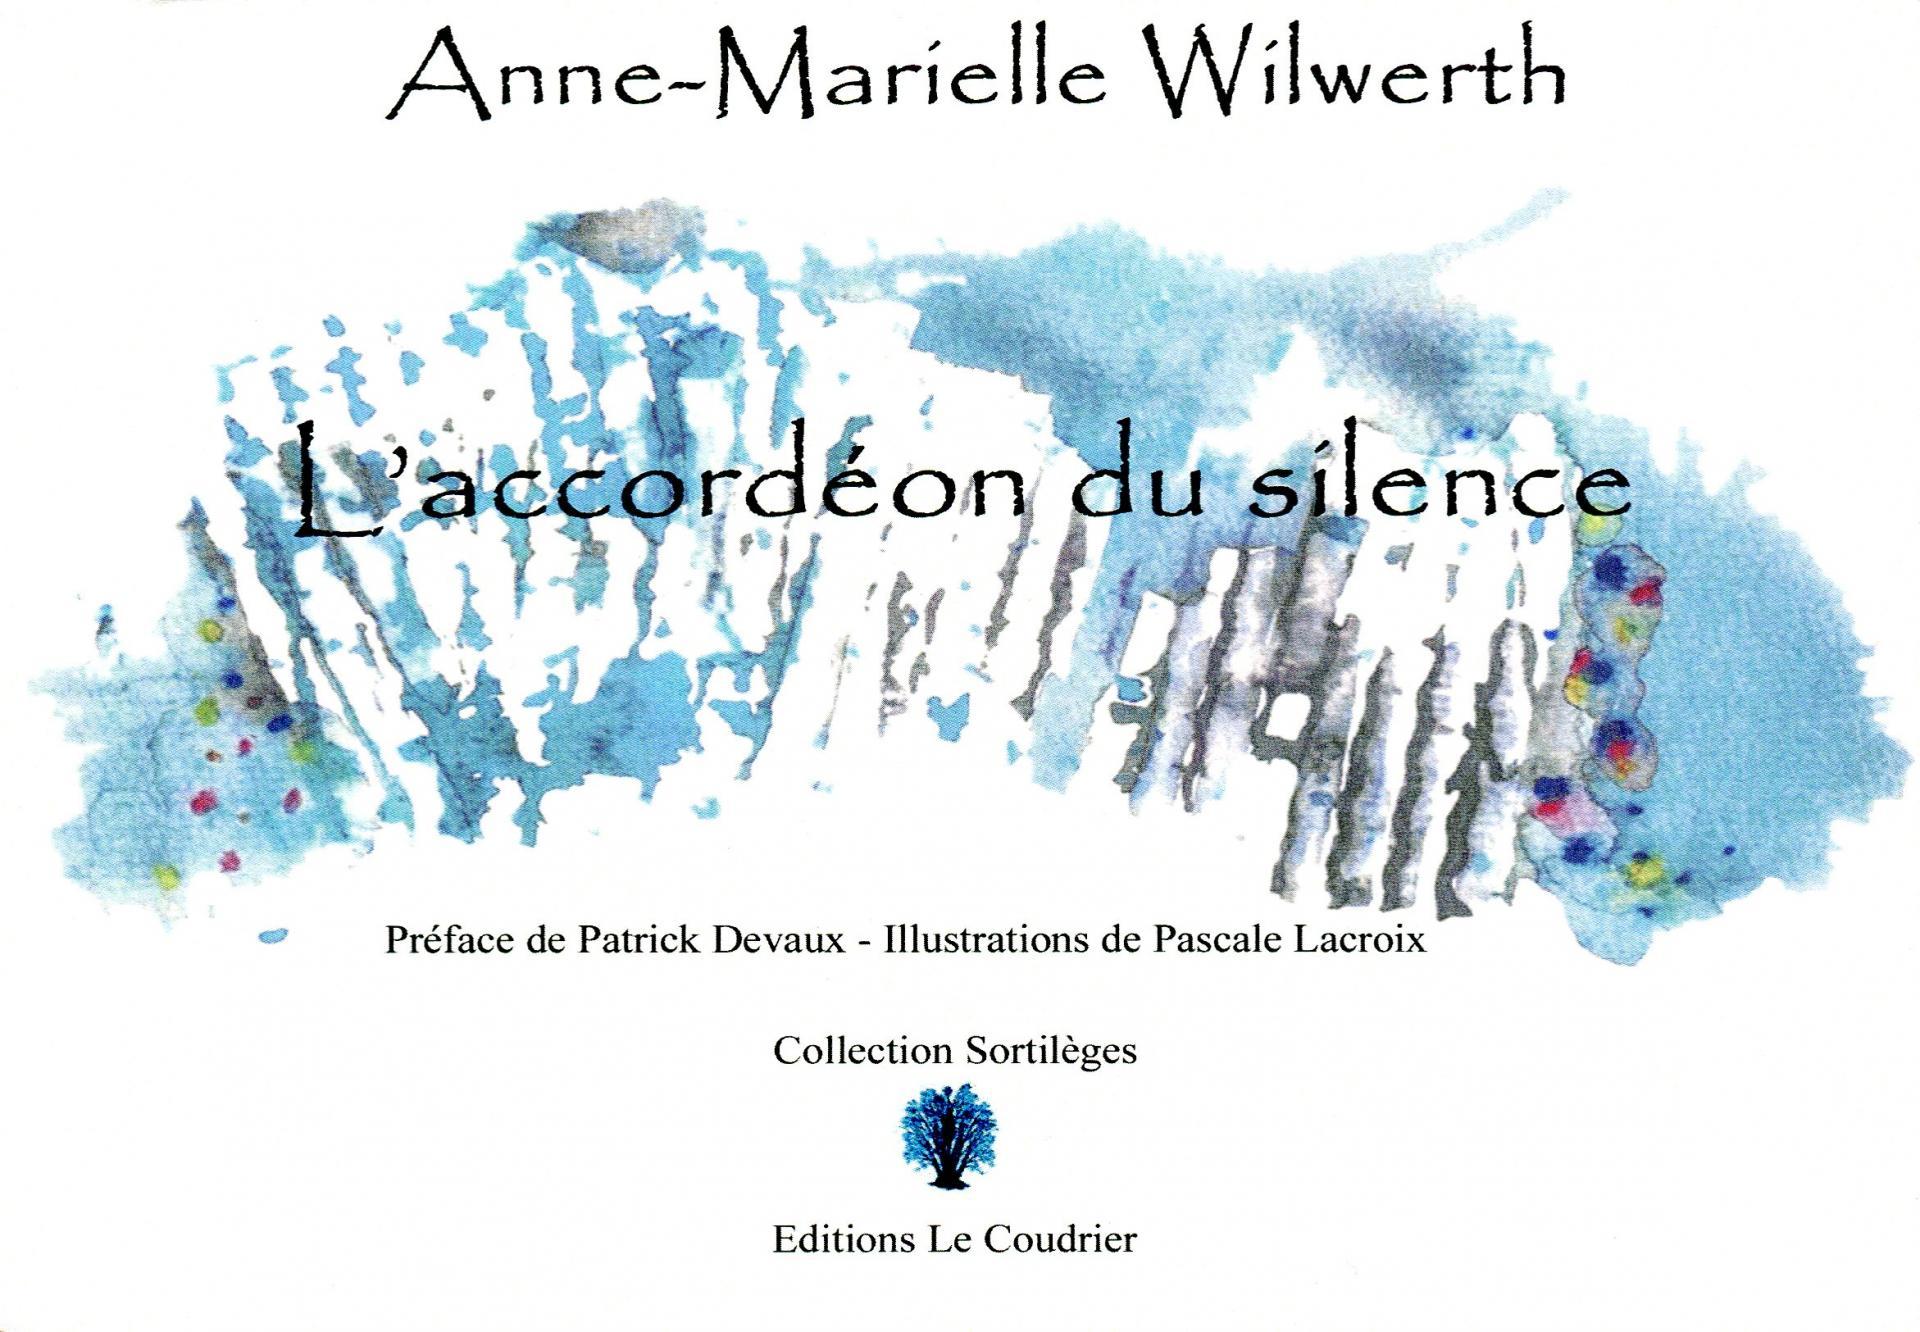 L'accordéon du silence